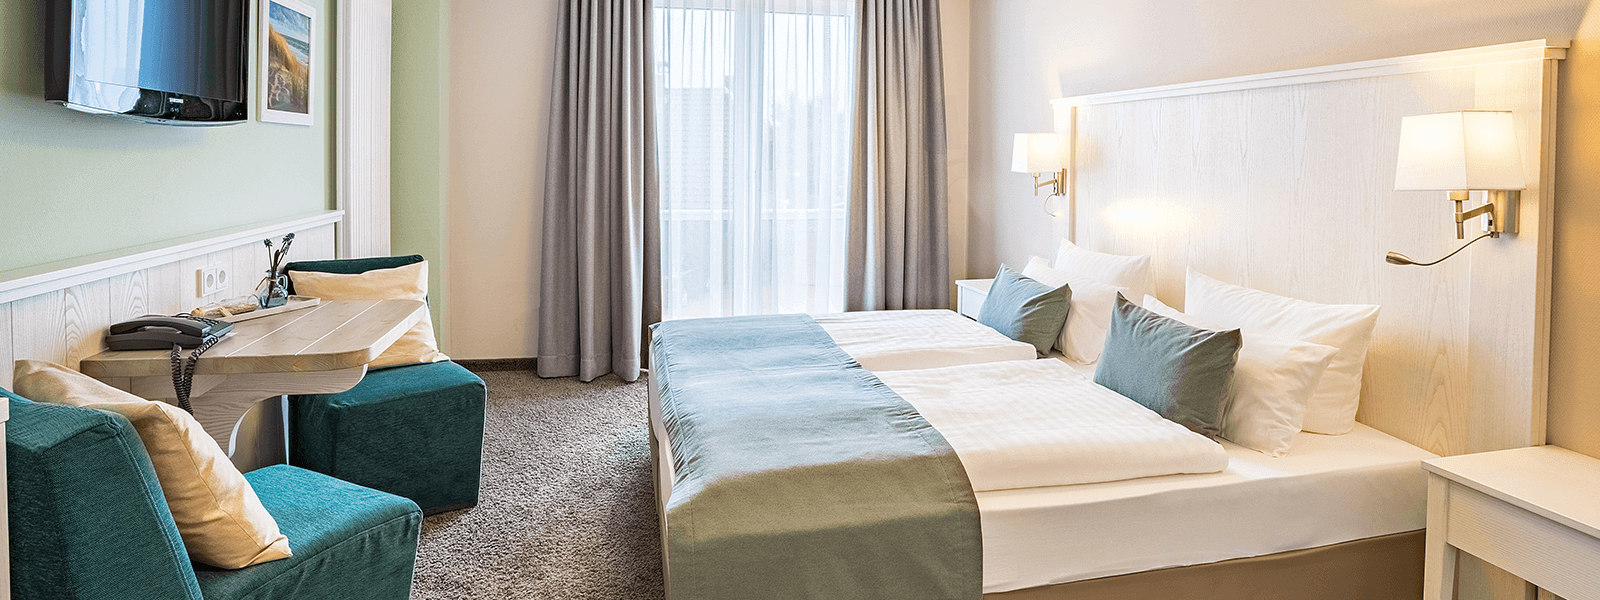 Doppelzimmer Hotel Regina Maris, Hotel Regina Maris, Norden-Norddeich, Nordsee, Ostfriesland, Urlaub zu Zweit, Nordseeurlaub, Urlaub am Meer,